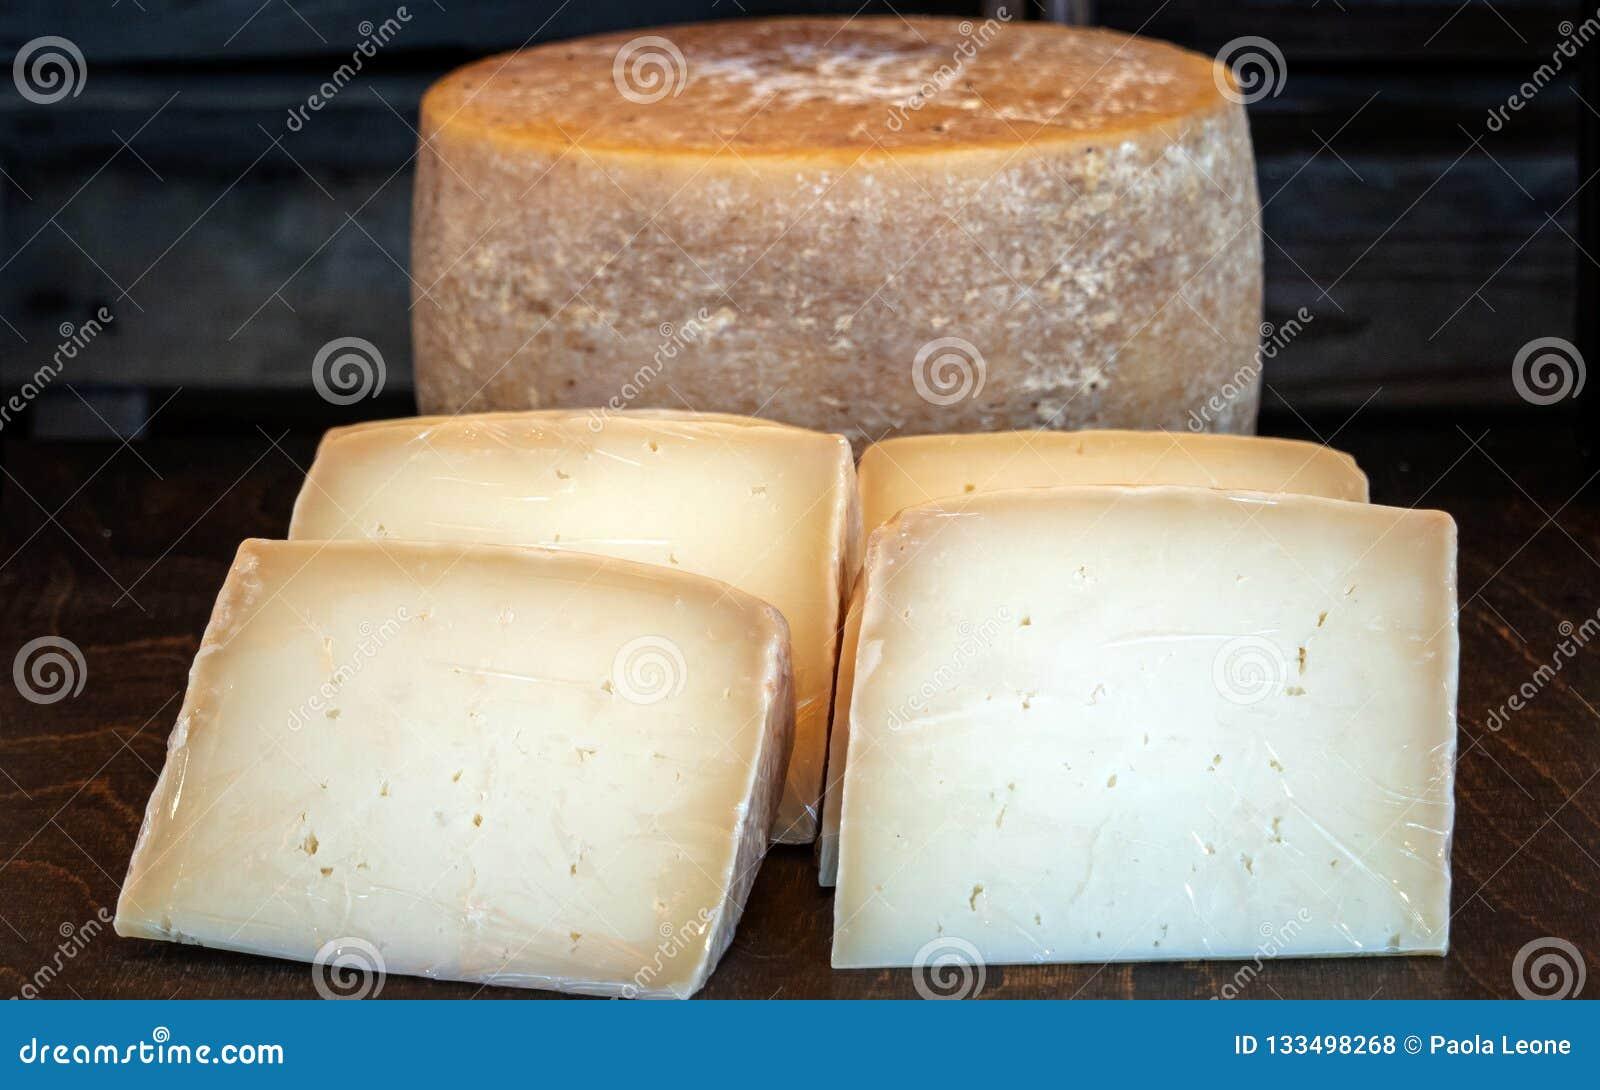 Rueda sana deliciosa fresca del queso, con cuatro rebanadas del queso en primero plano